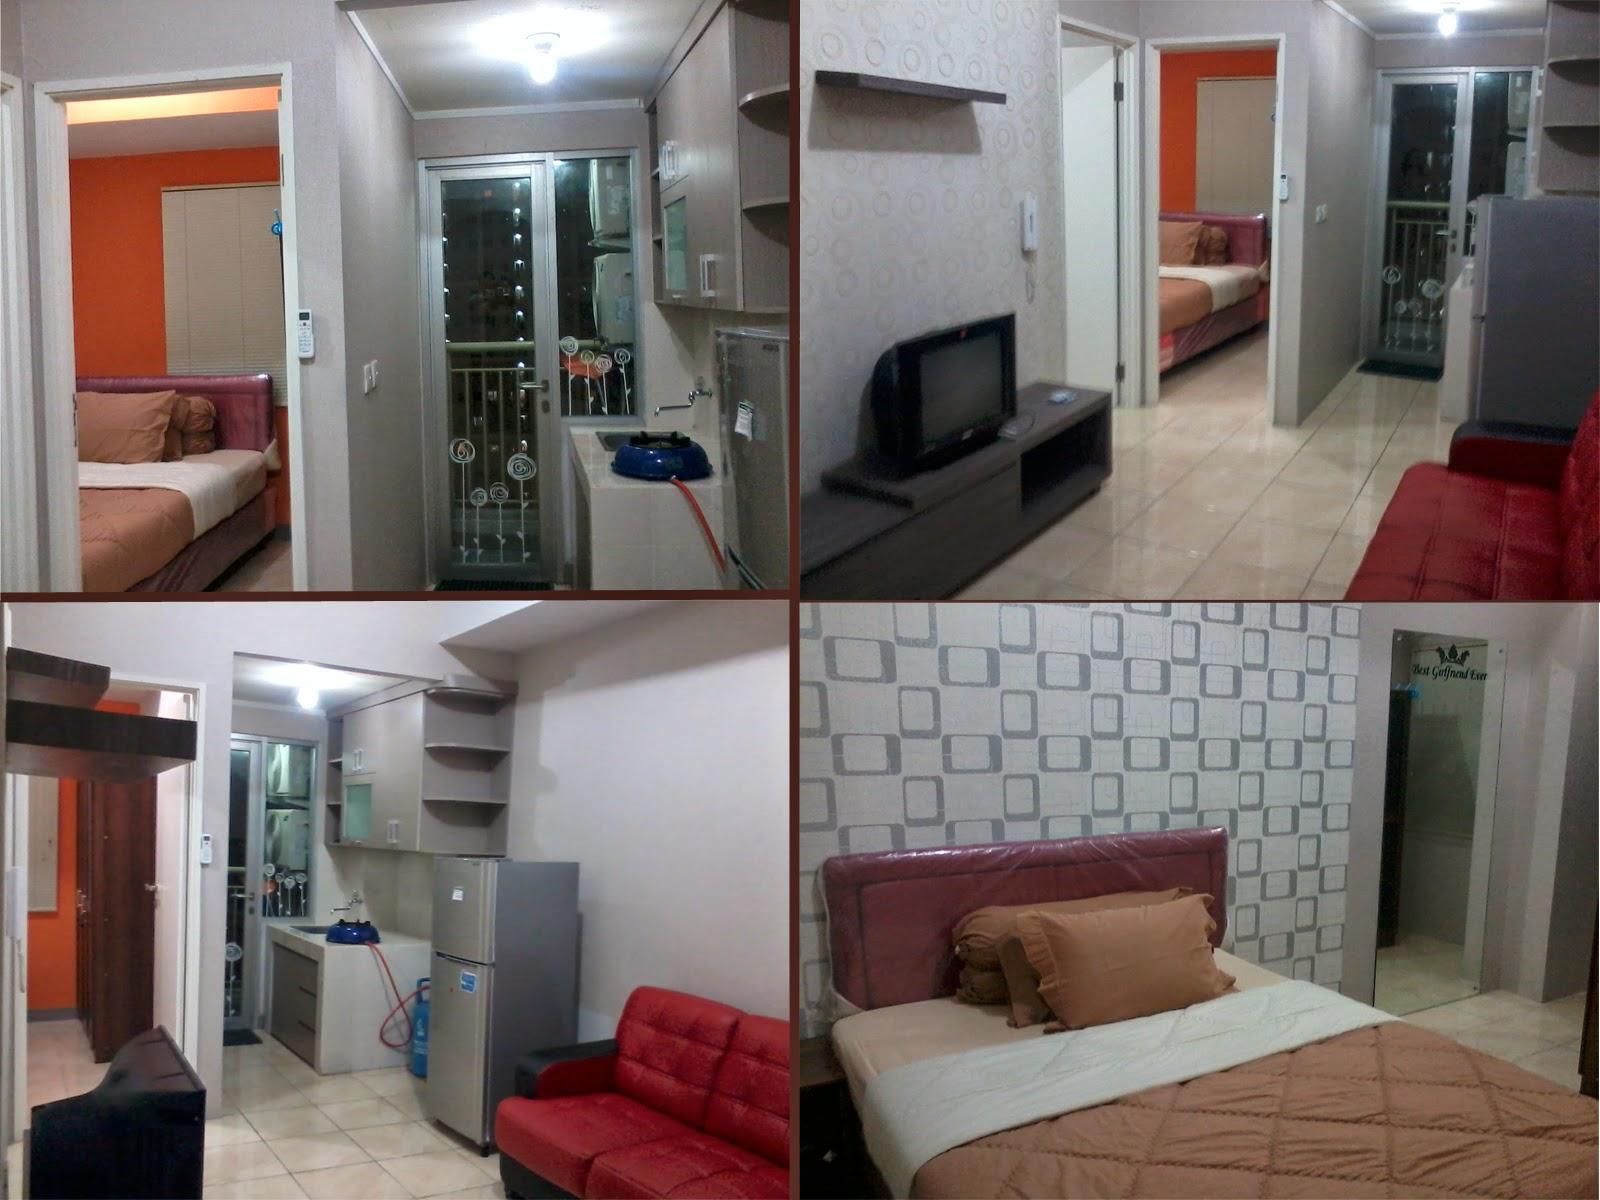 Sewa Apartemen Seasons City Full Furnish  Sewa  For Rent  Apartemen Seasons City 2br Harian